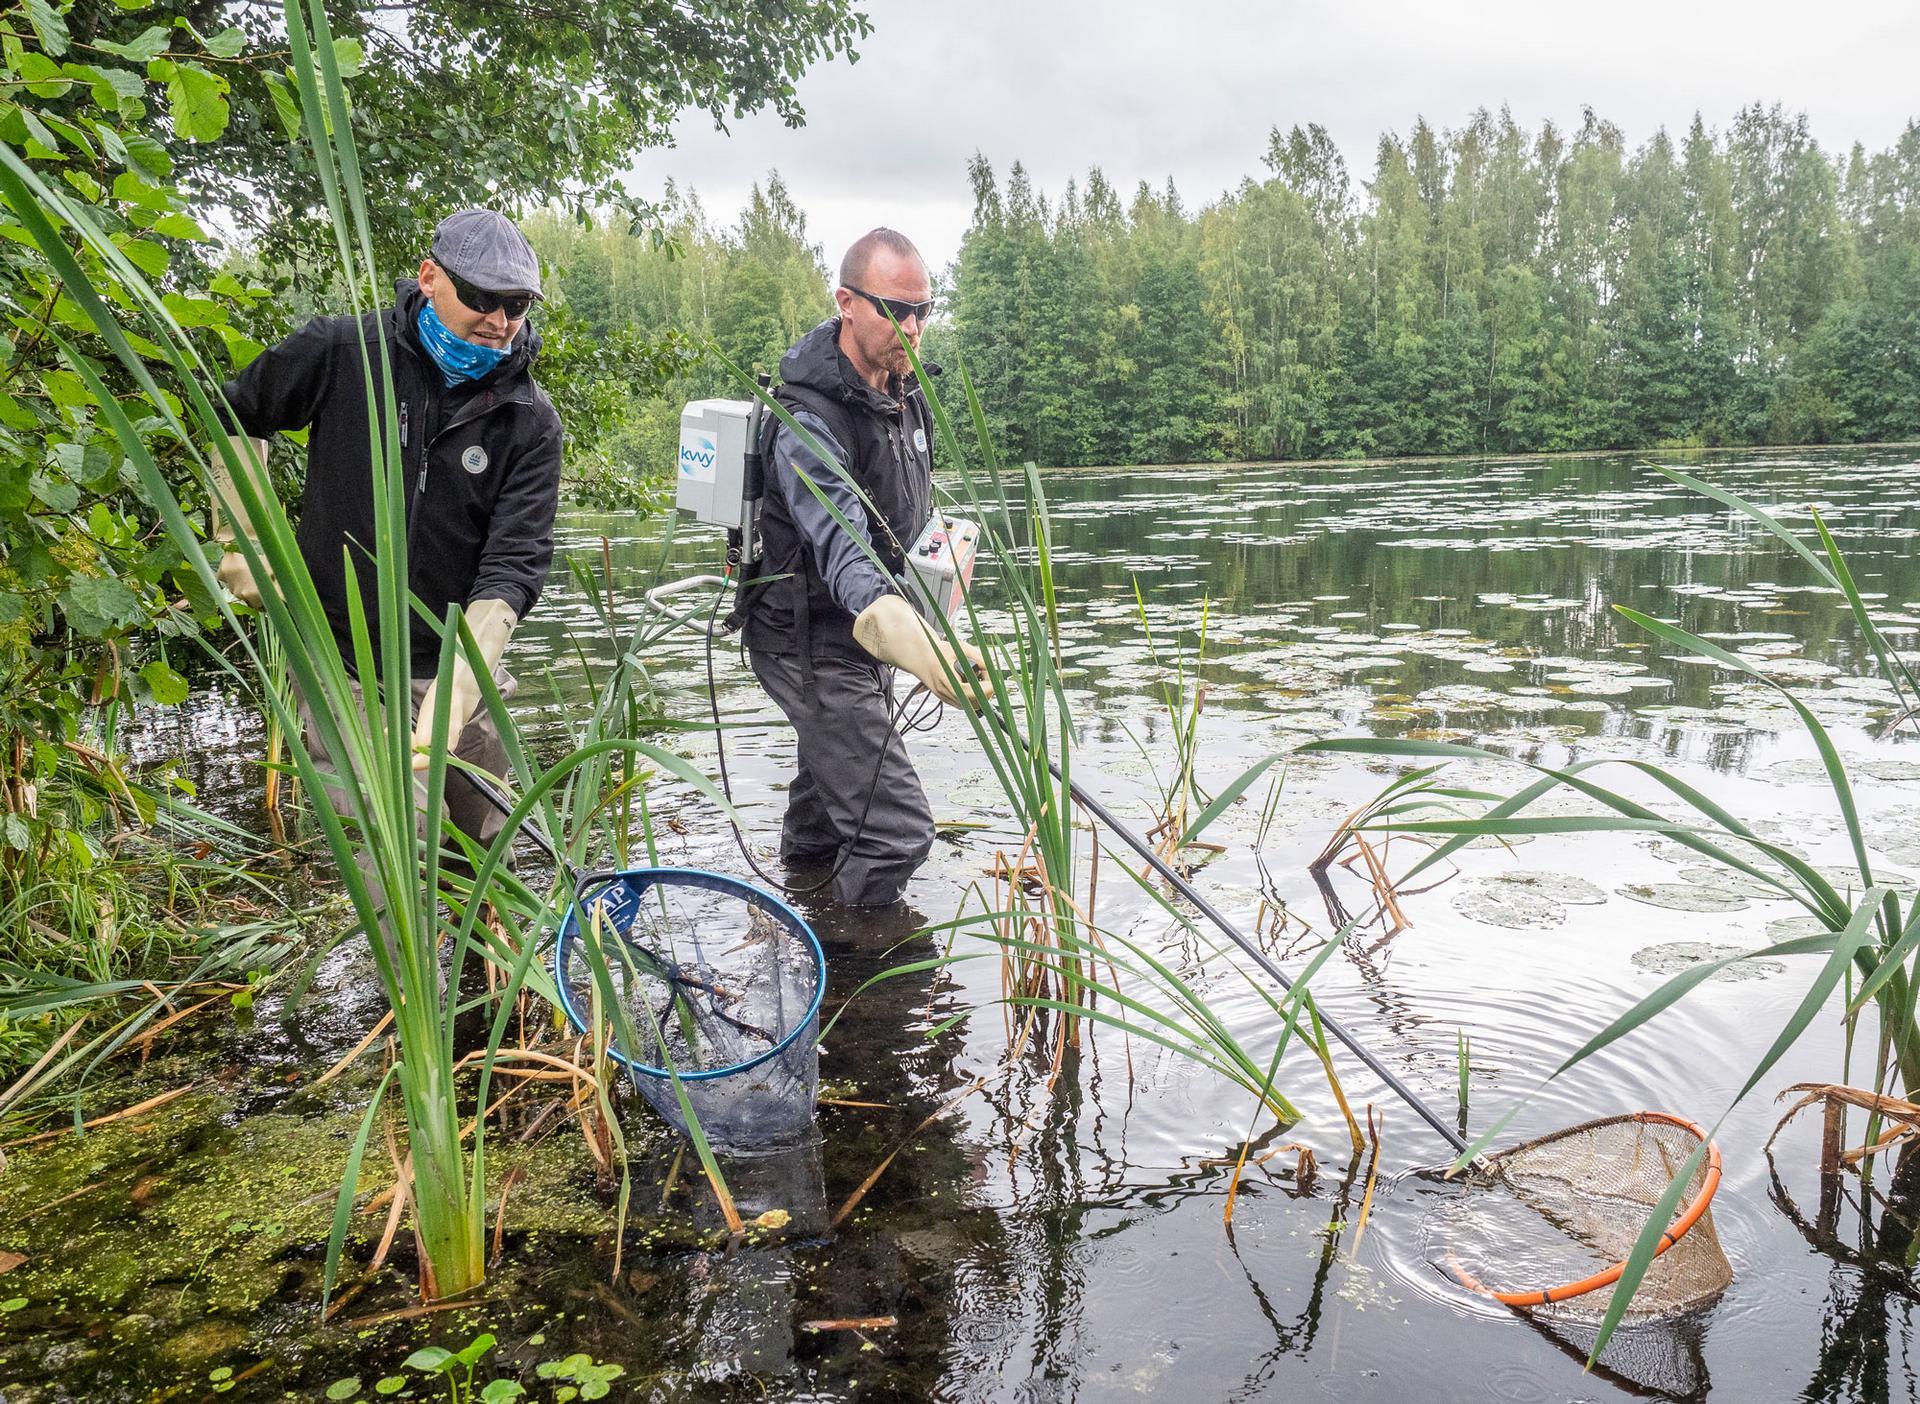 Kalastotutkija Ari Westermark ja iktyonomi Marko Nieminen tekivät sähkökoekalastusta Kuohunlahden rantavesissä. Niemisen käyttämä laitteisto muodostaa veteen sähkökentän, joka tainnuttaa lähellä olevat kalat lyhyeksi aikaa. Westermark siirsi kalat haavillaan rannalla odottavaan vesiastiaan.